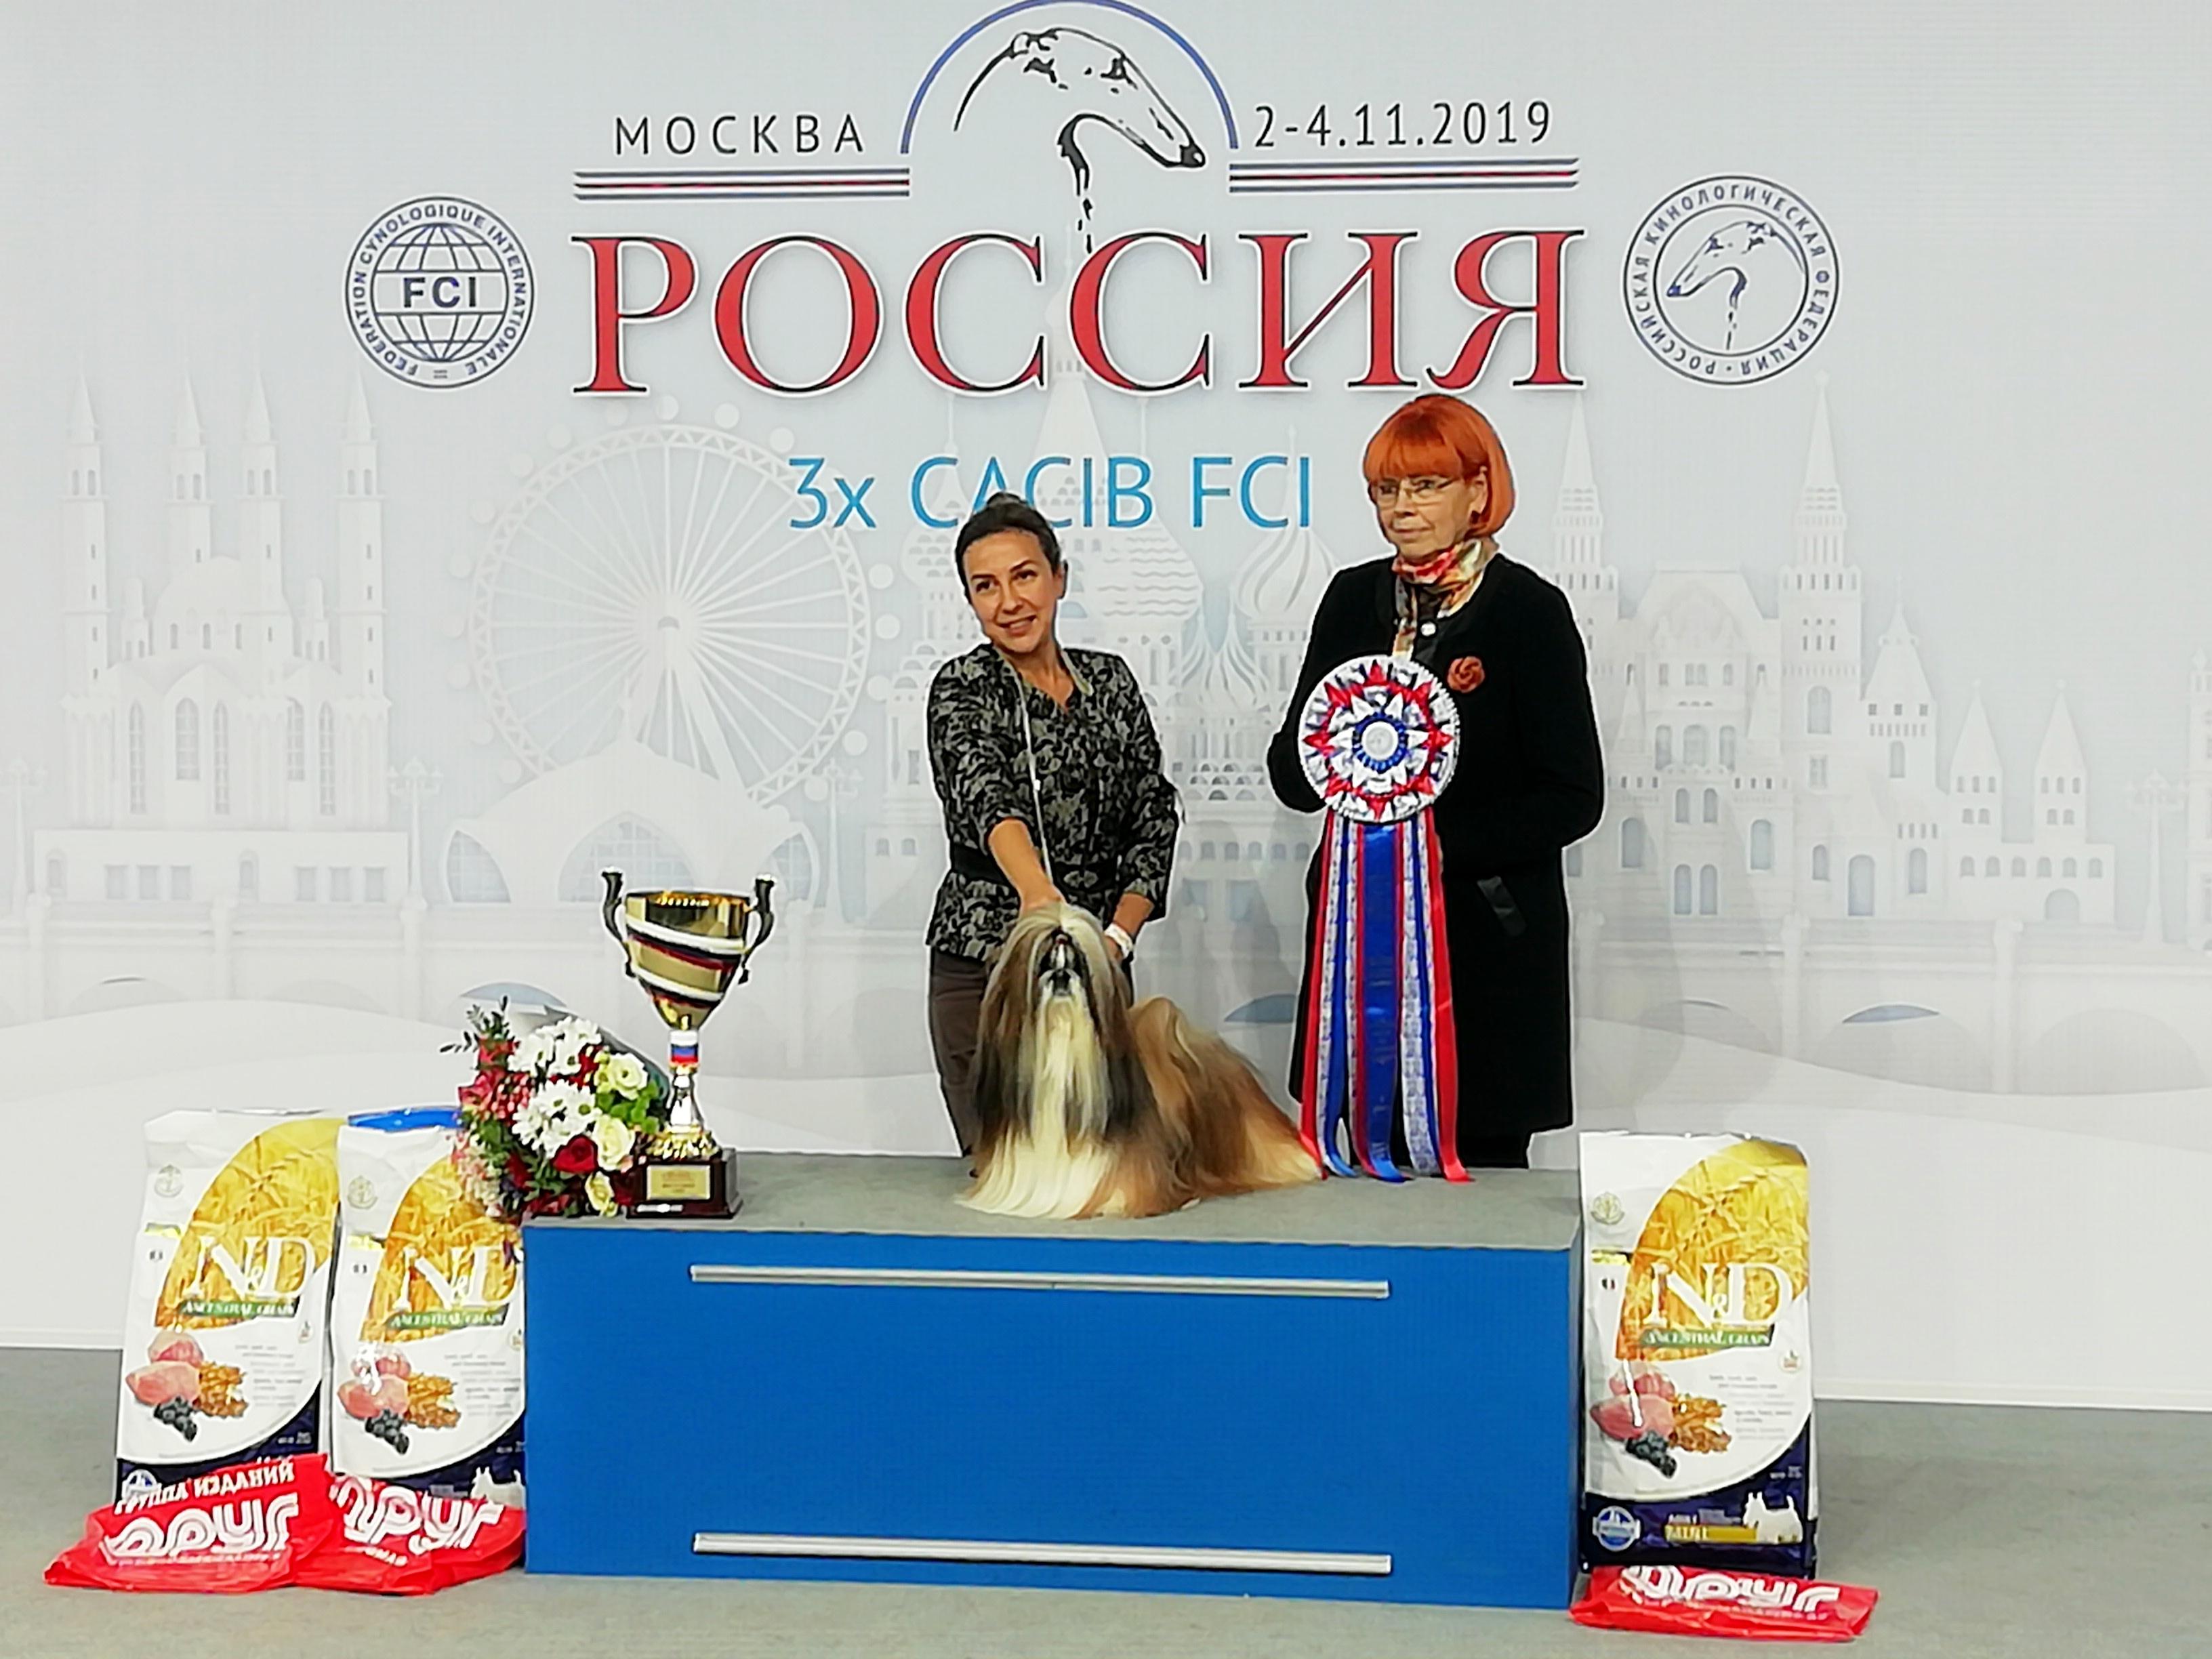 """Выставка """"Россия-2019"""", 02 ноября 2019. BOB, BIG-1 - Shen De Lux Gladiator"""